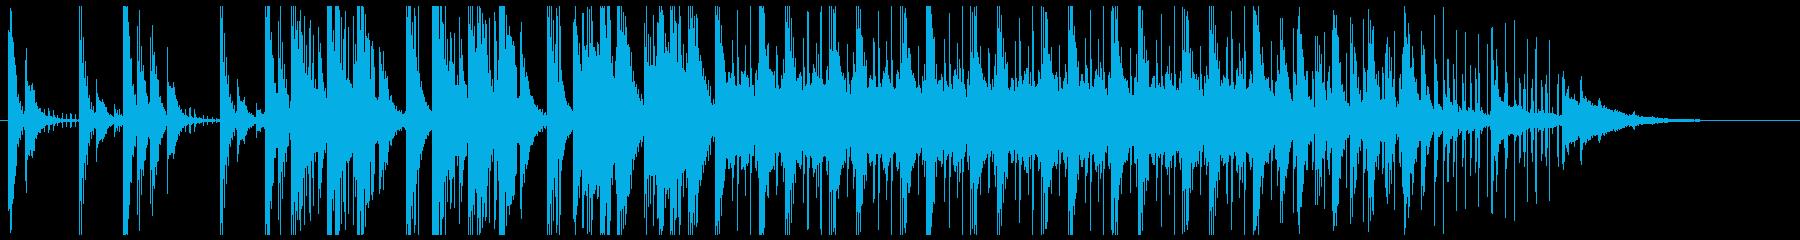 パーカッション系楽器をふんだんに使用♫の再生済みの波形